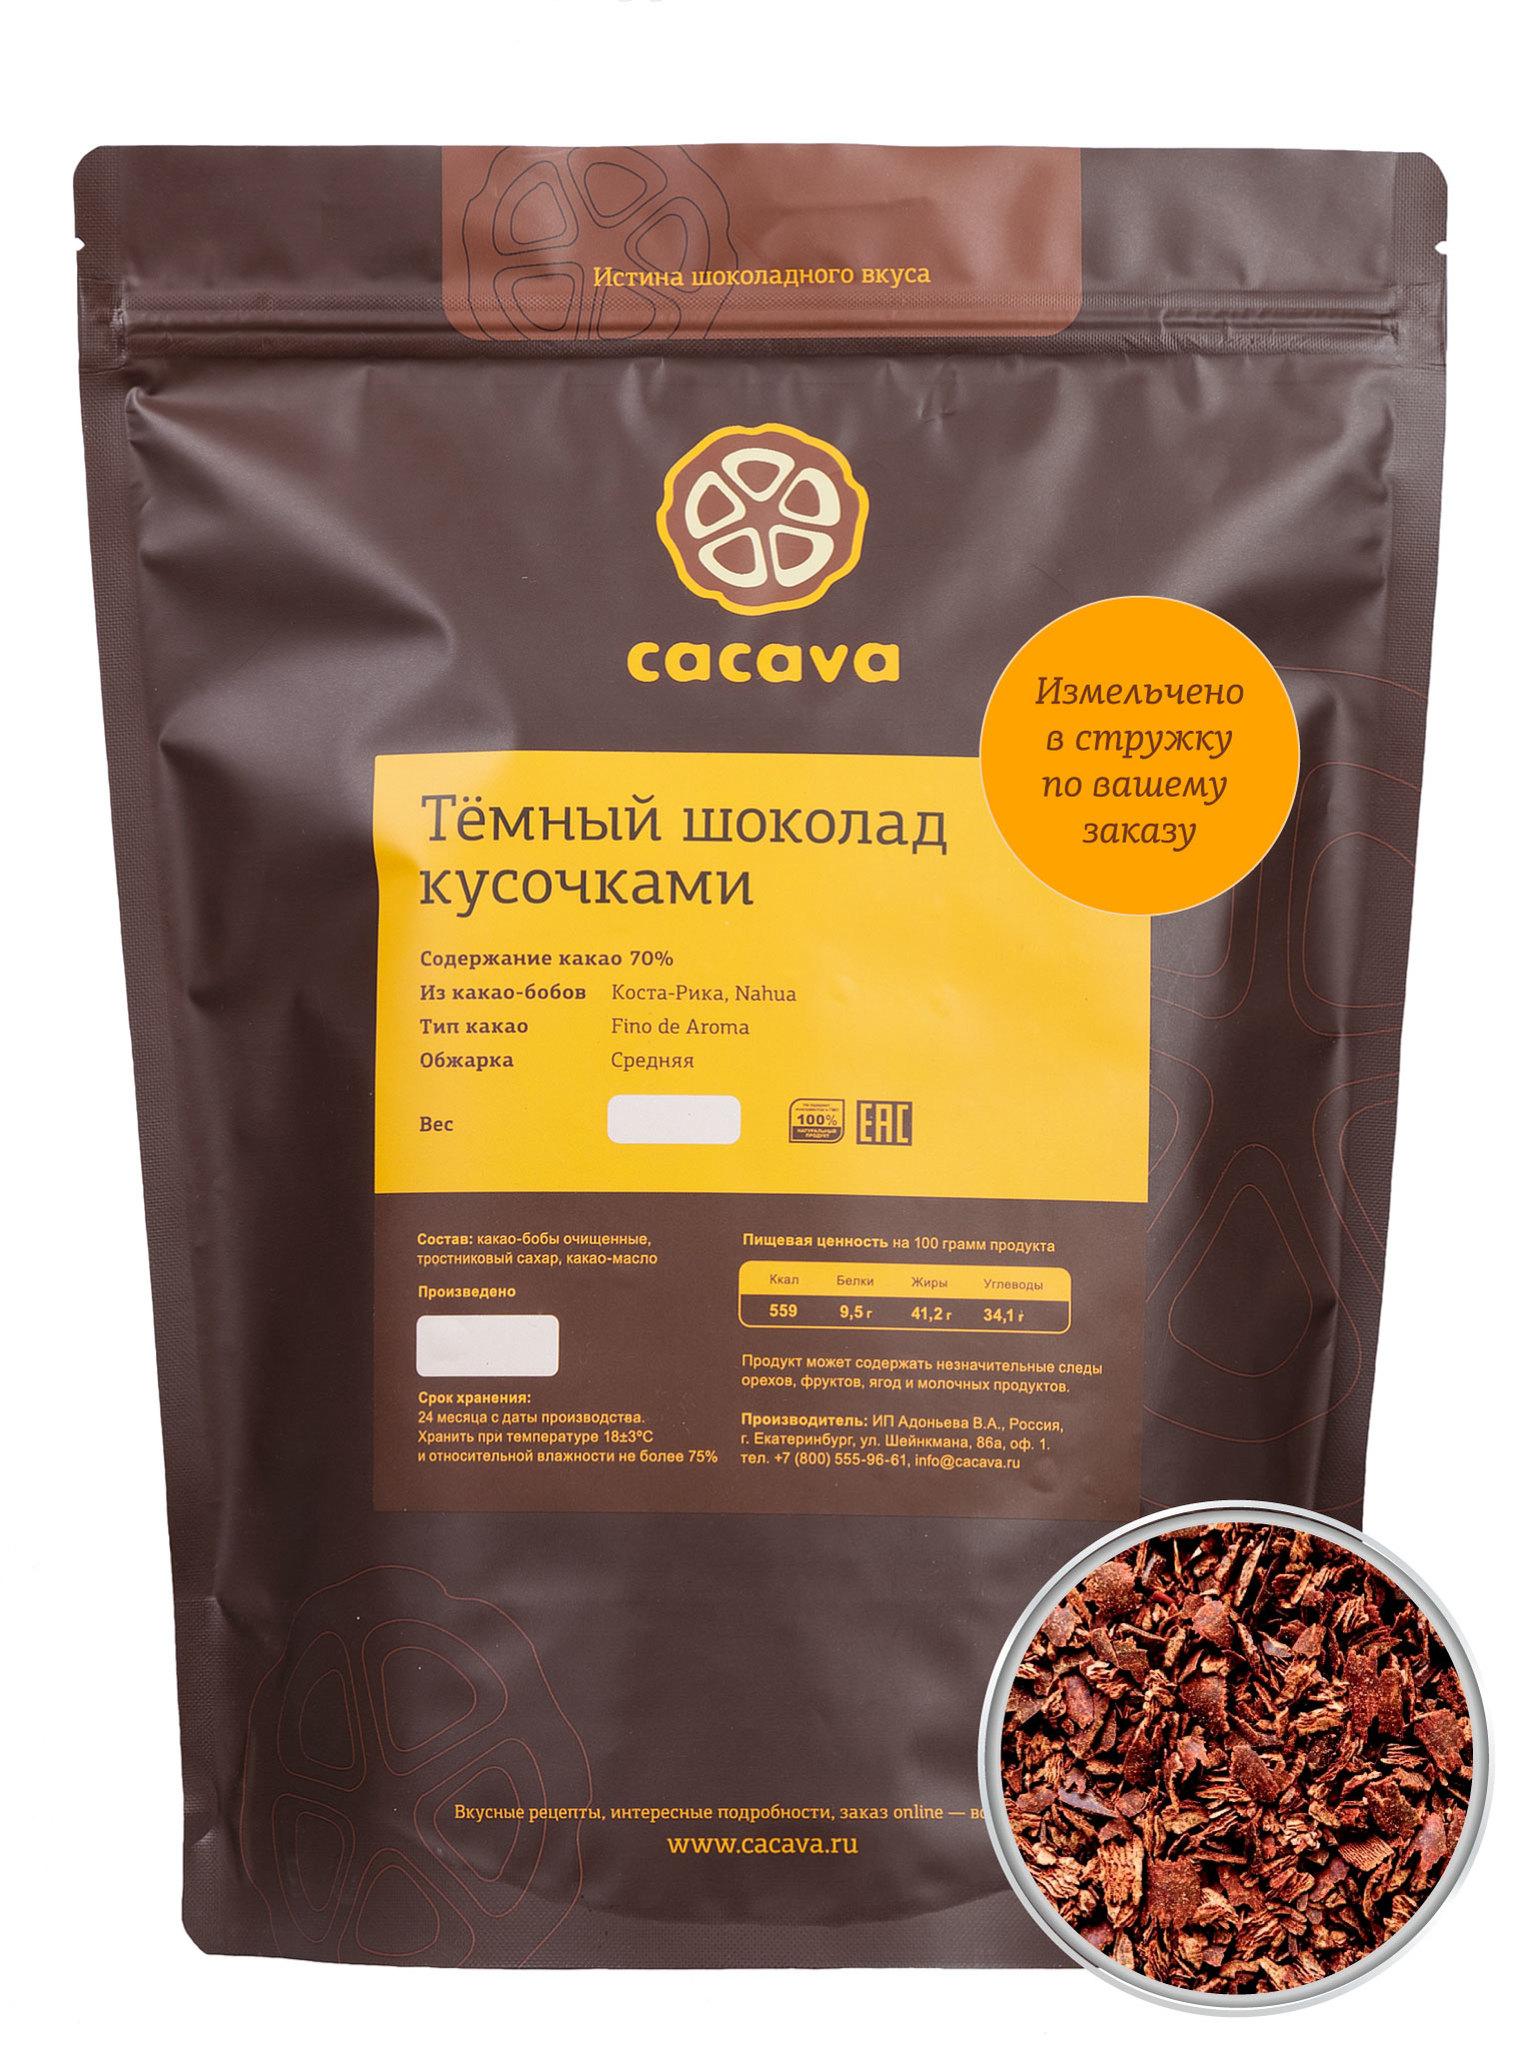 Тёмный шоколад 70 % какао в стружке (Коста-Рика), упаковка 1 кг